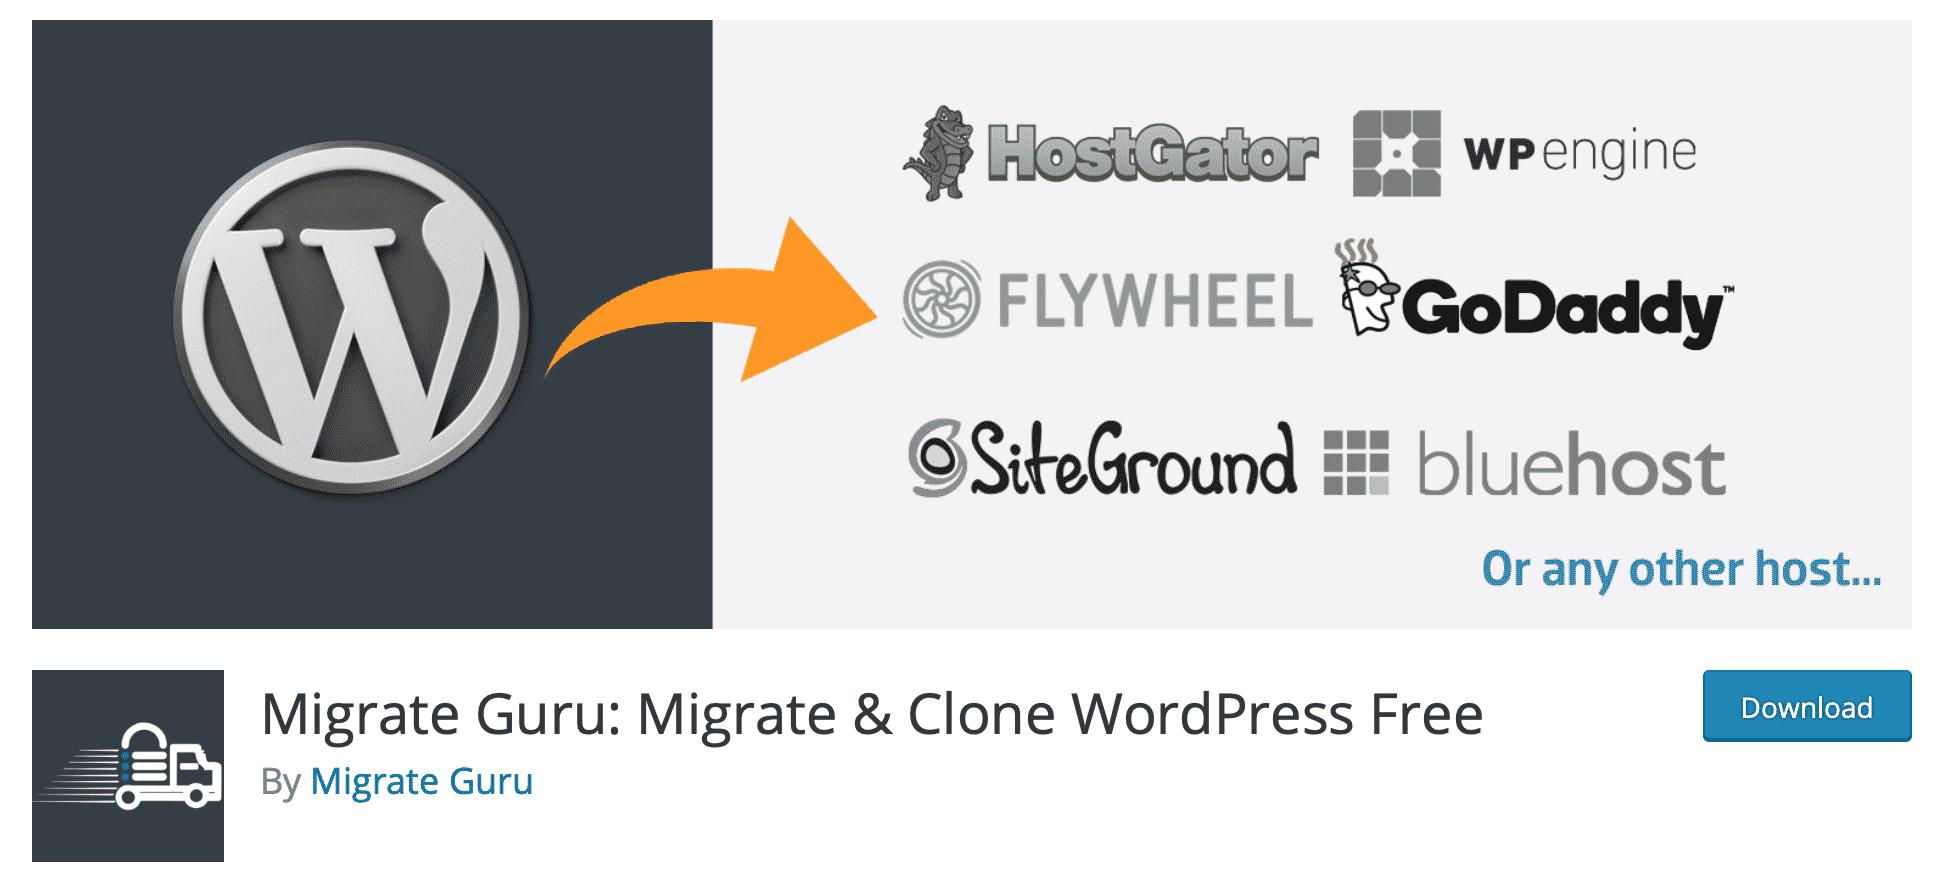 Flytta Wordpress med hjälp av Migrate guru